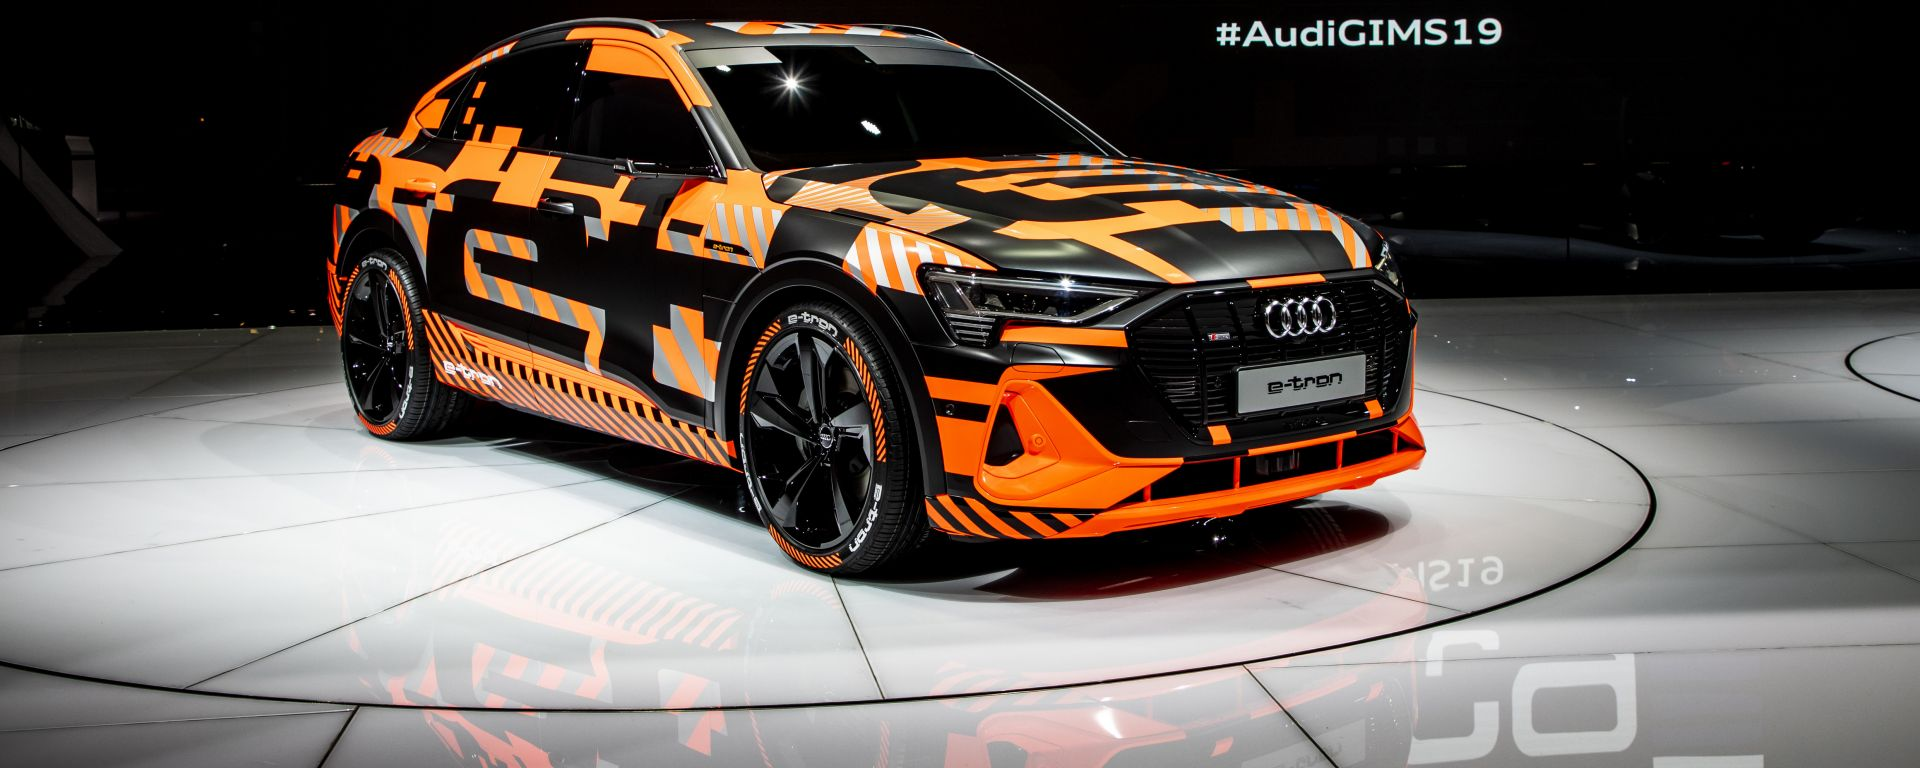 Audi e-tron Crossback: vista 3/4 anteriore